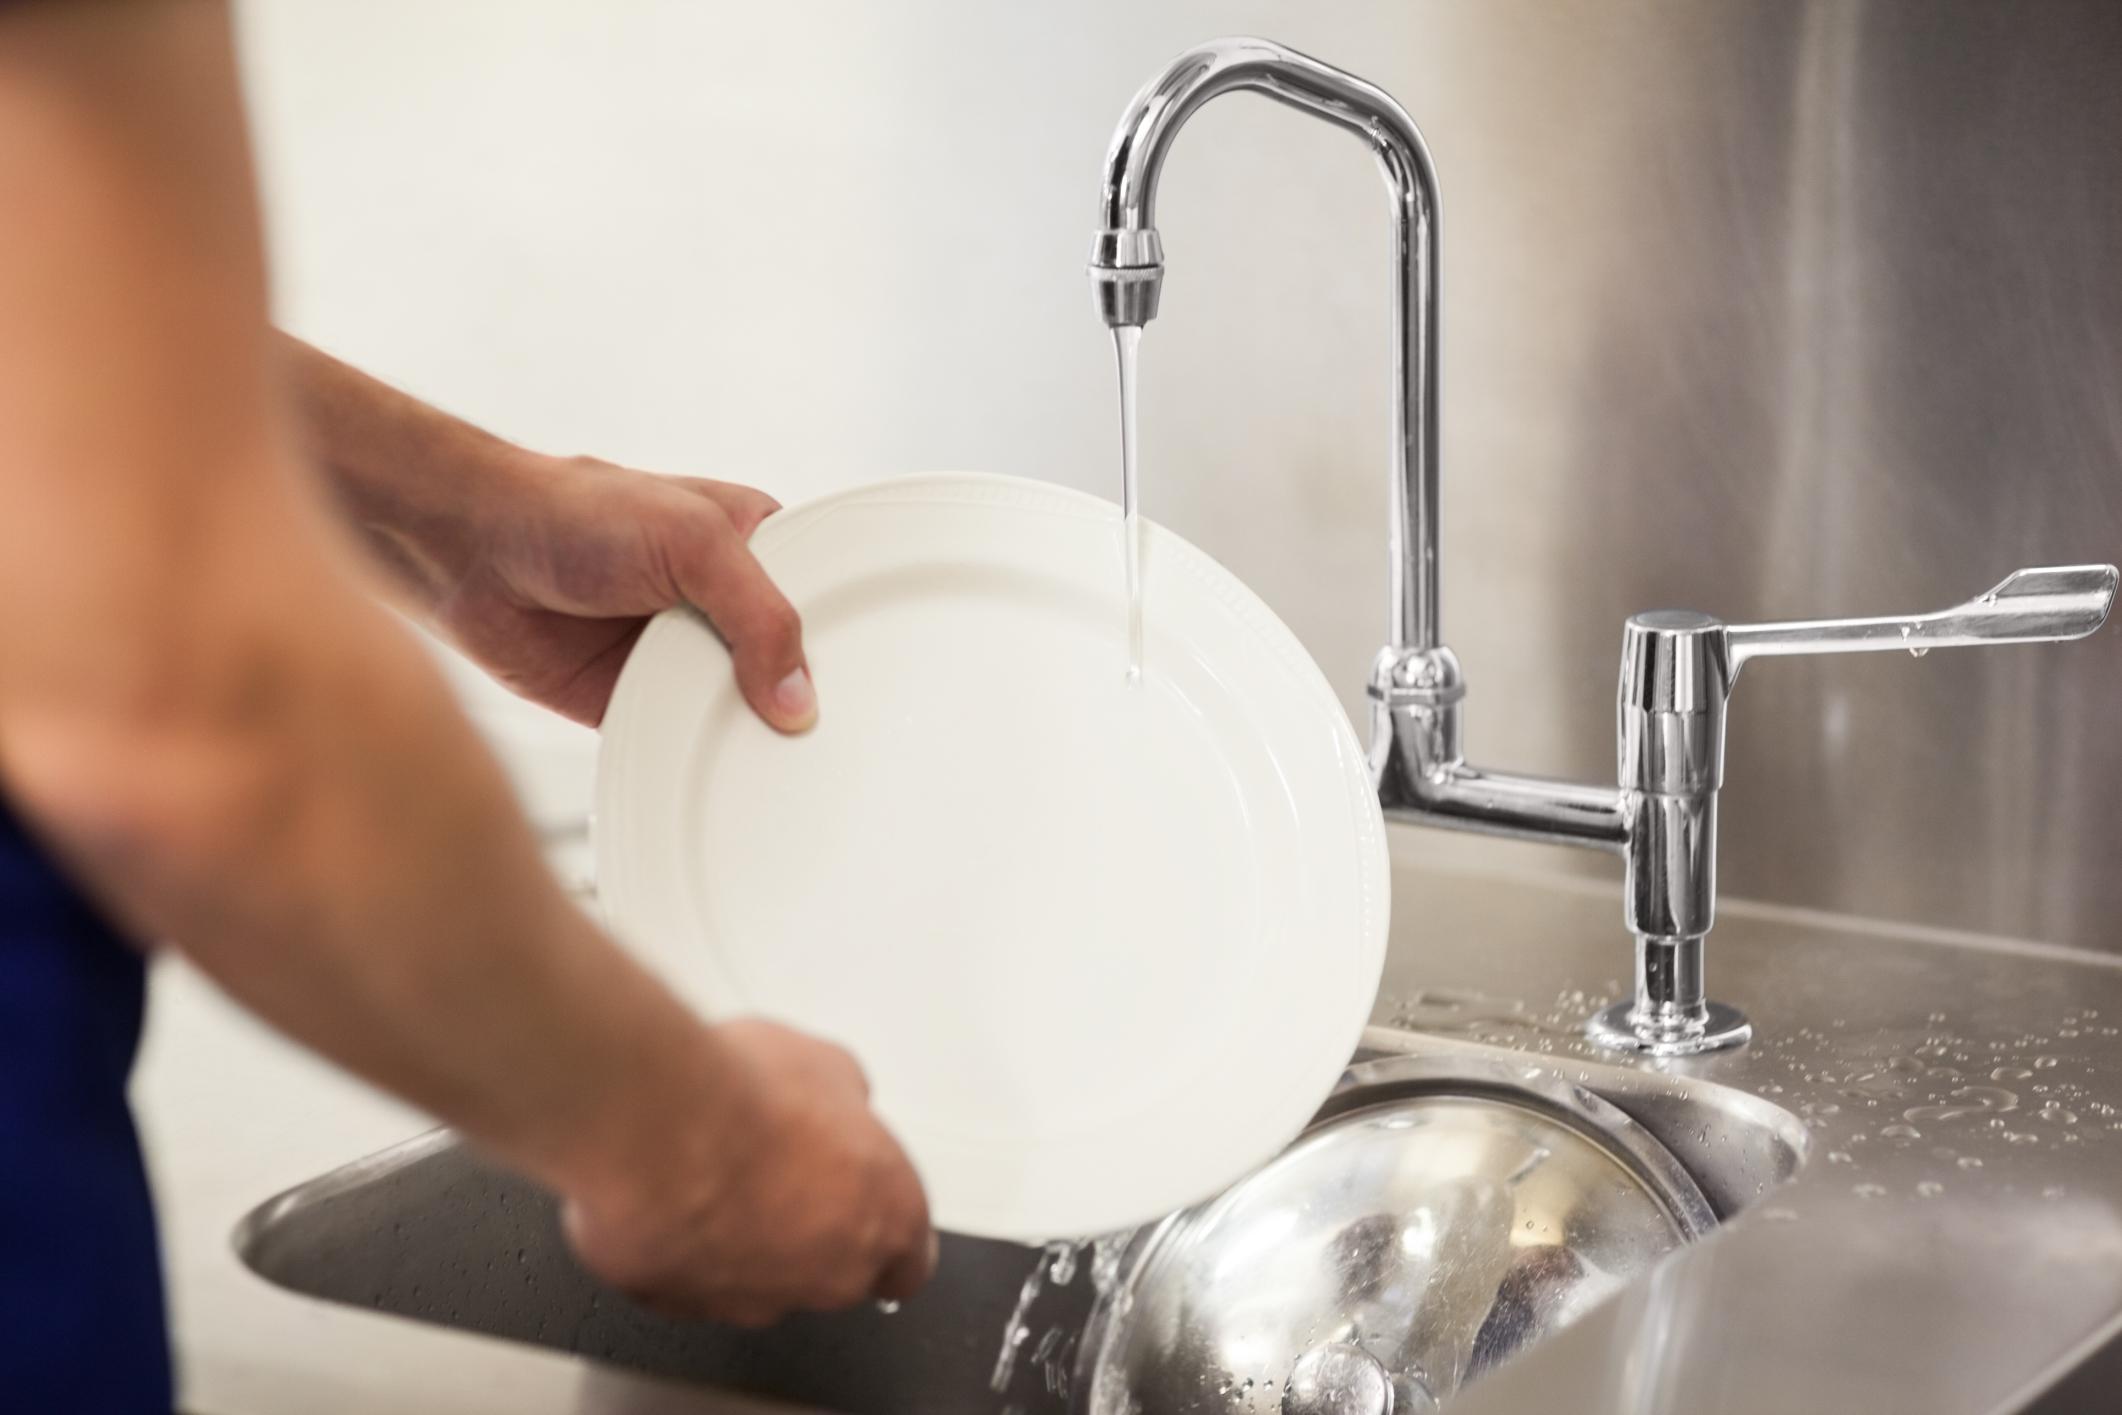 Lavando a mano hand washing - 2 3